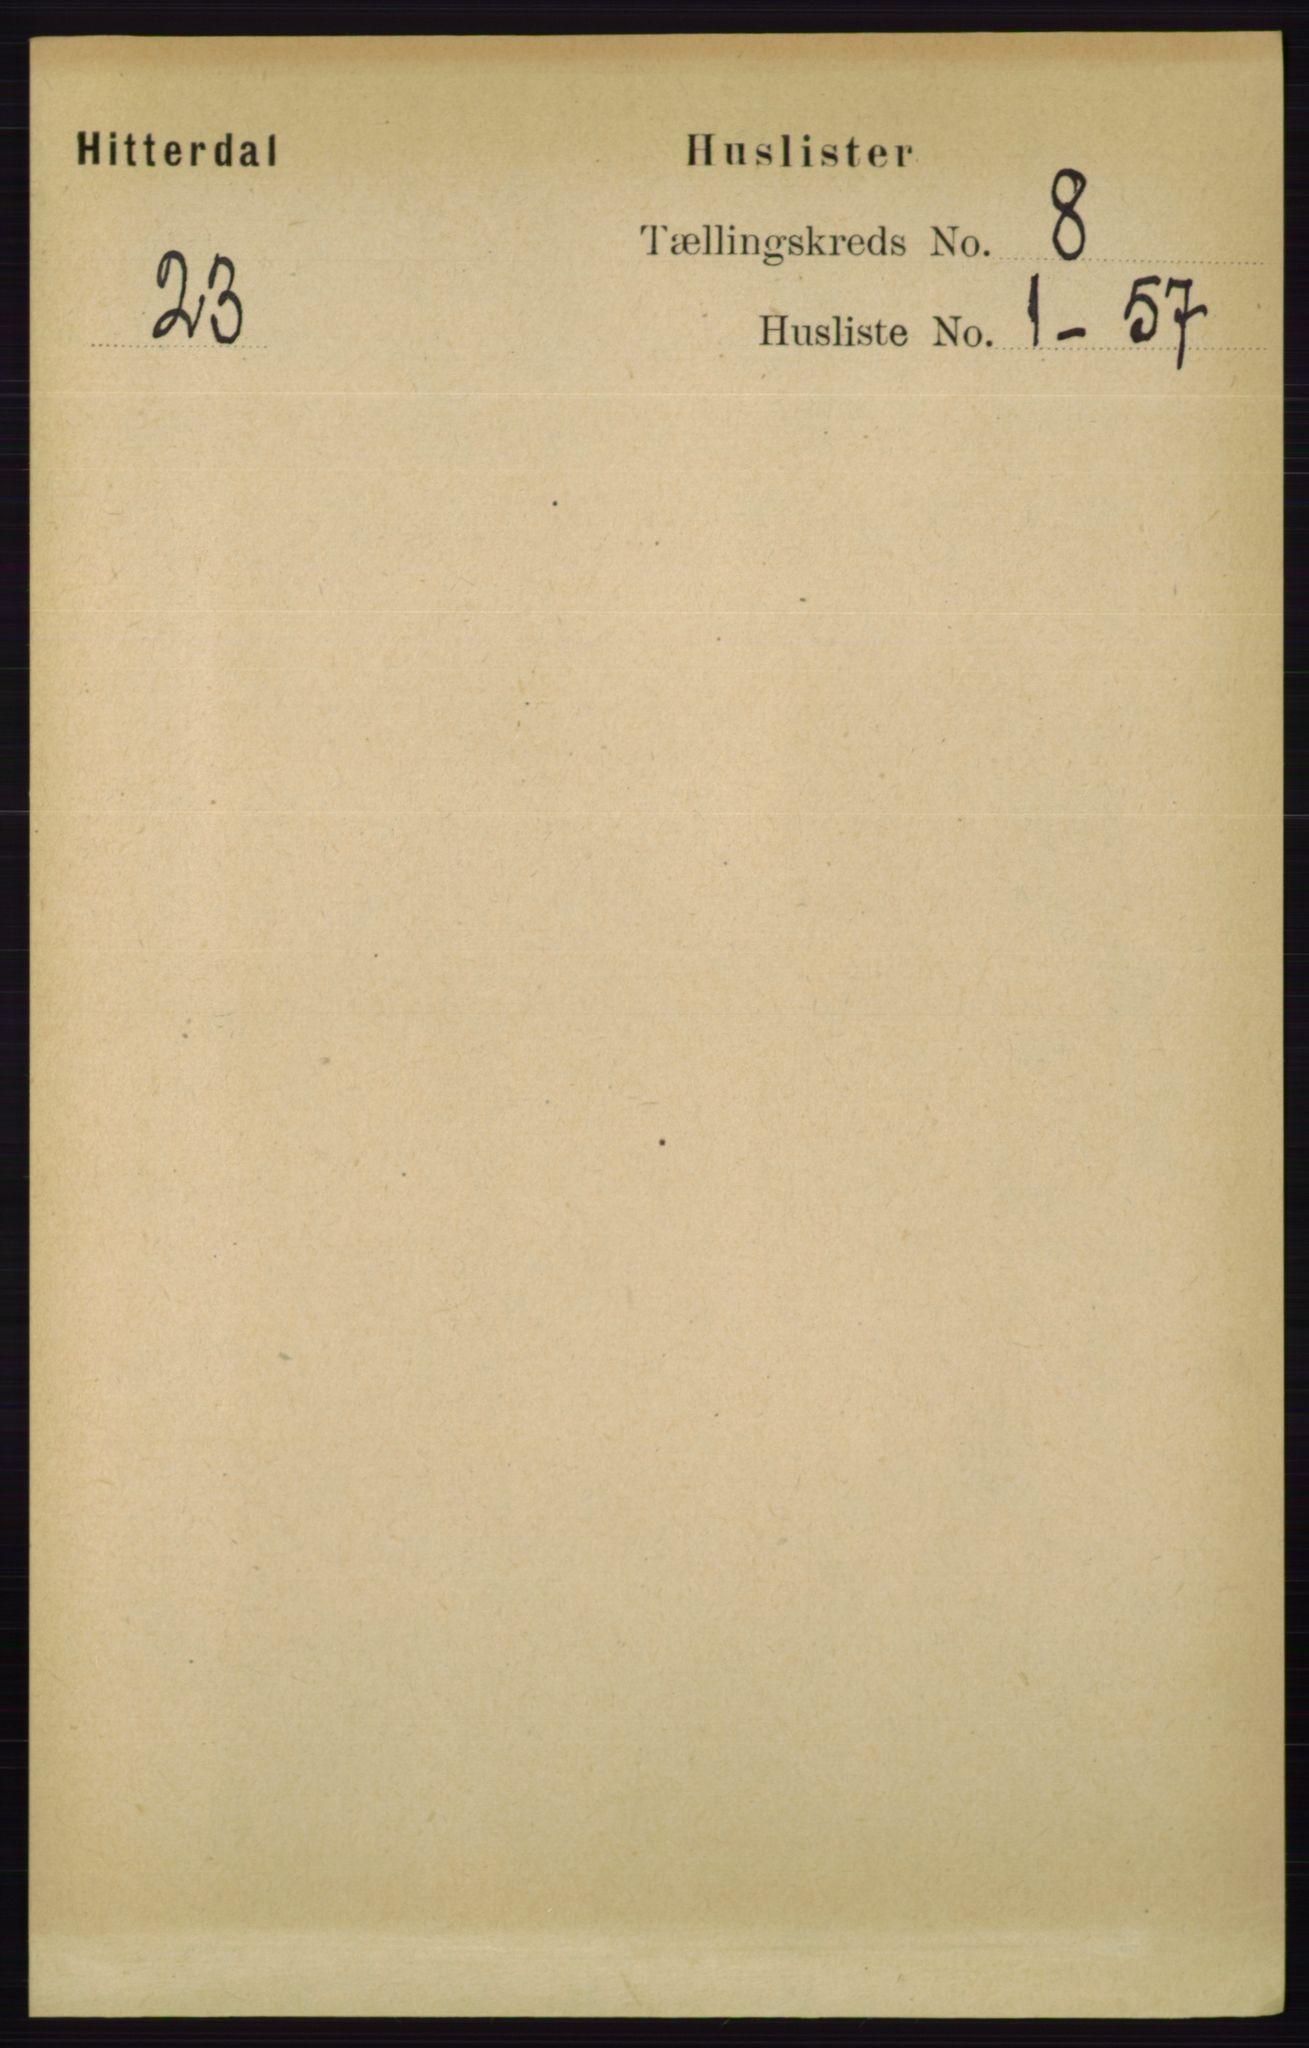 RA, Folketelling 1891 for 0823 Heddal herred, 1891, s. 3434